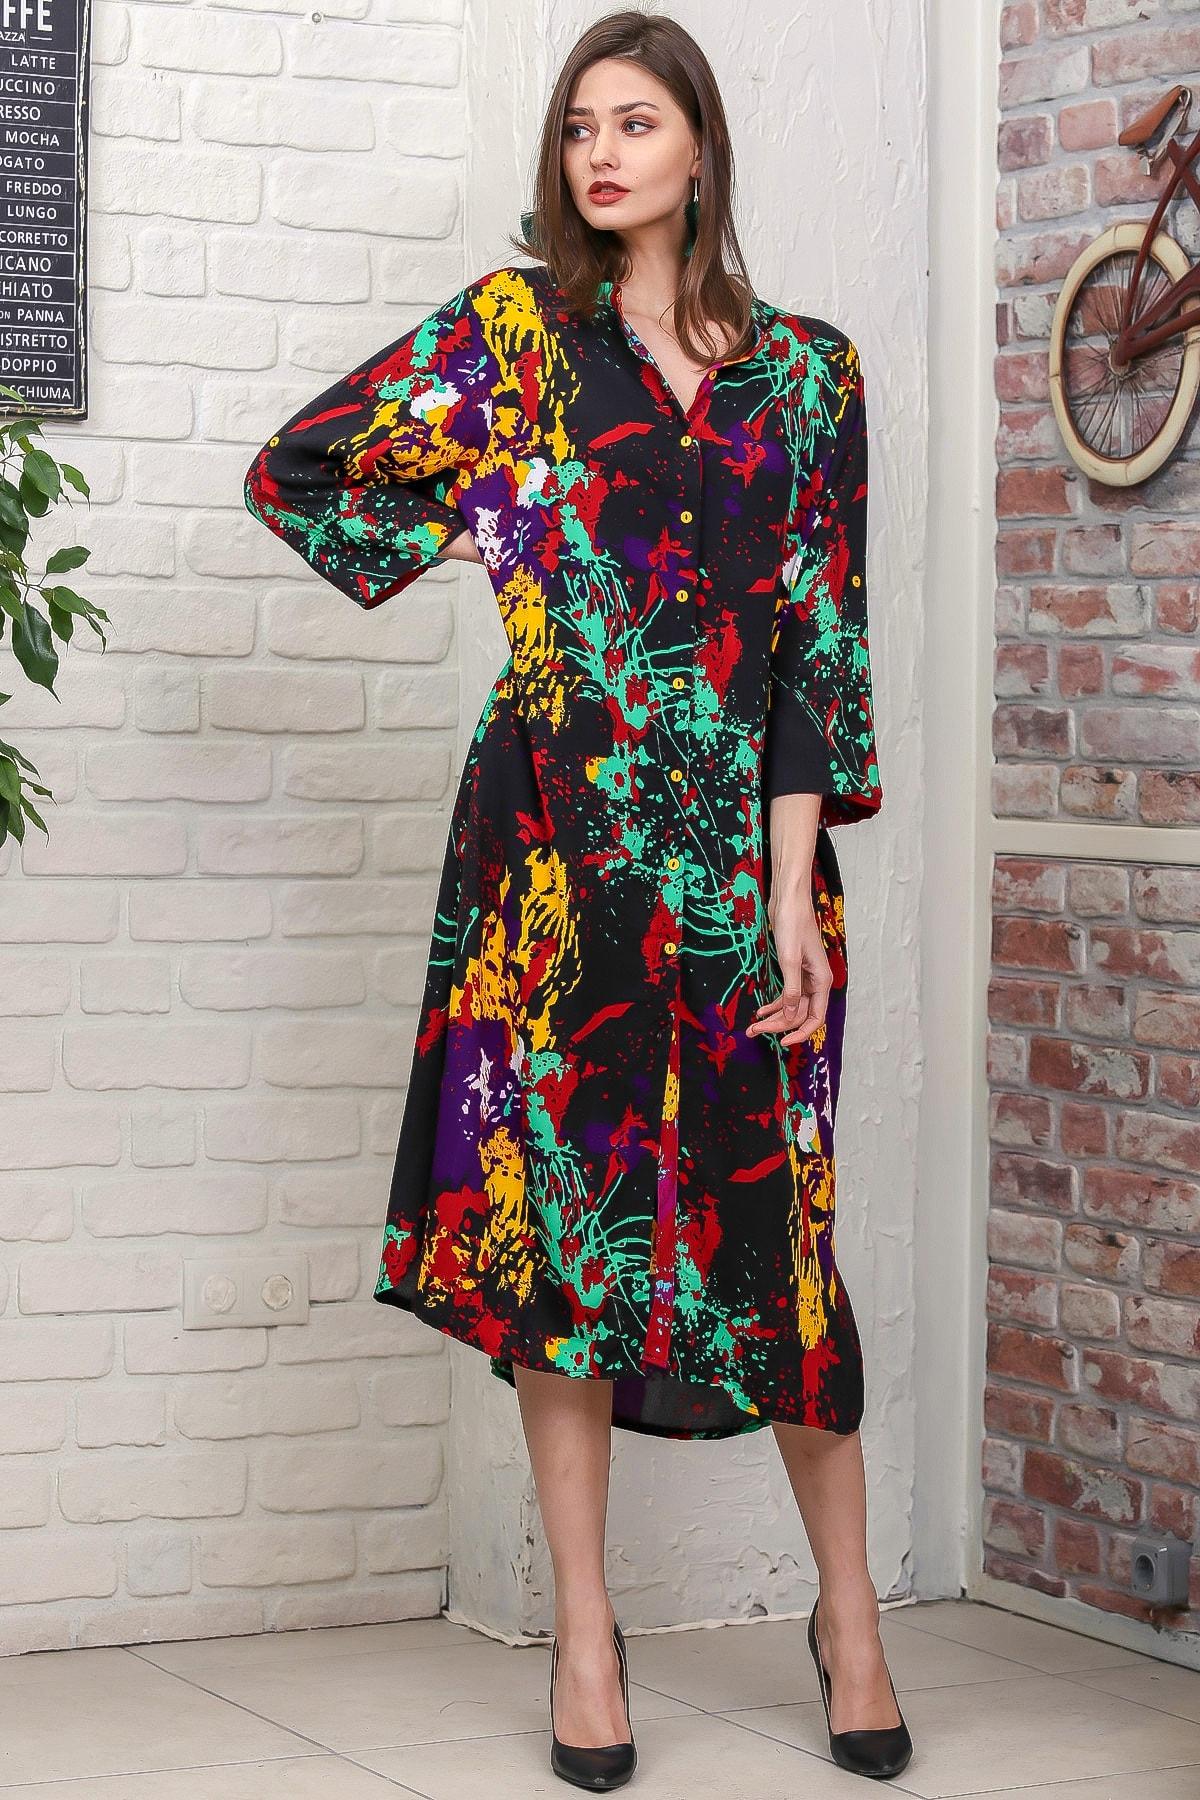 Chiccy Kadın Siyah Fırça Desen Yırtmaçlı Salaş Dokuma Gömlek Elbise M10160000EL95921 2